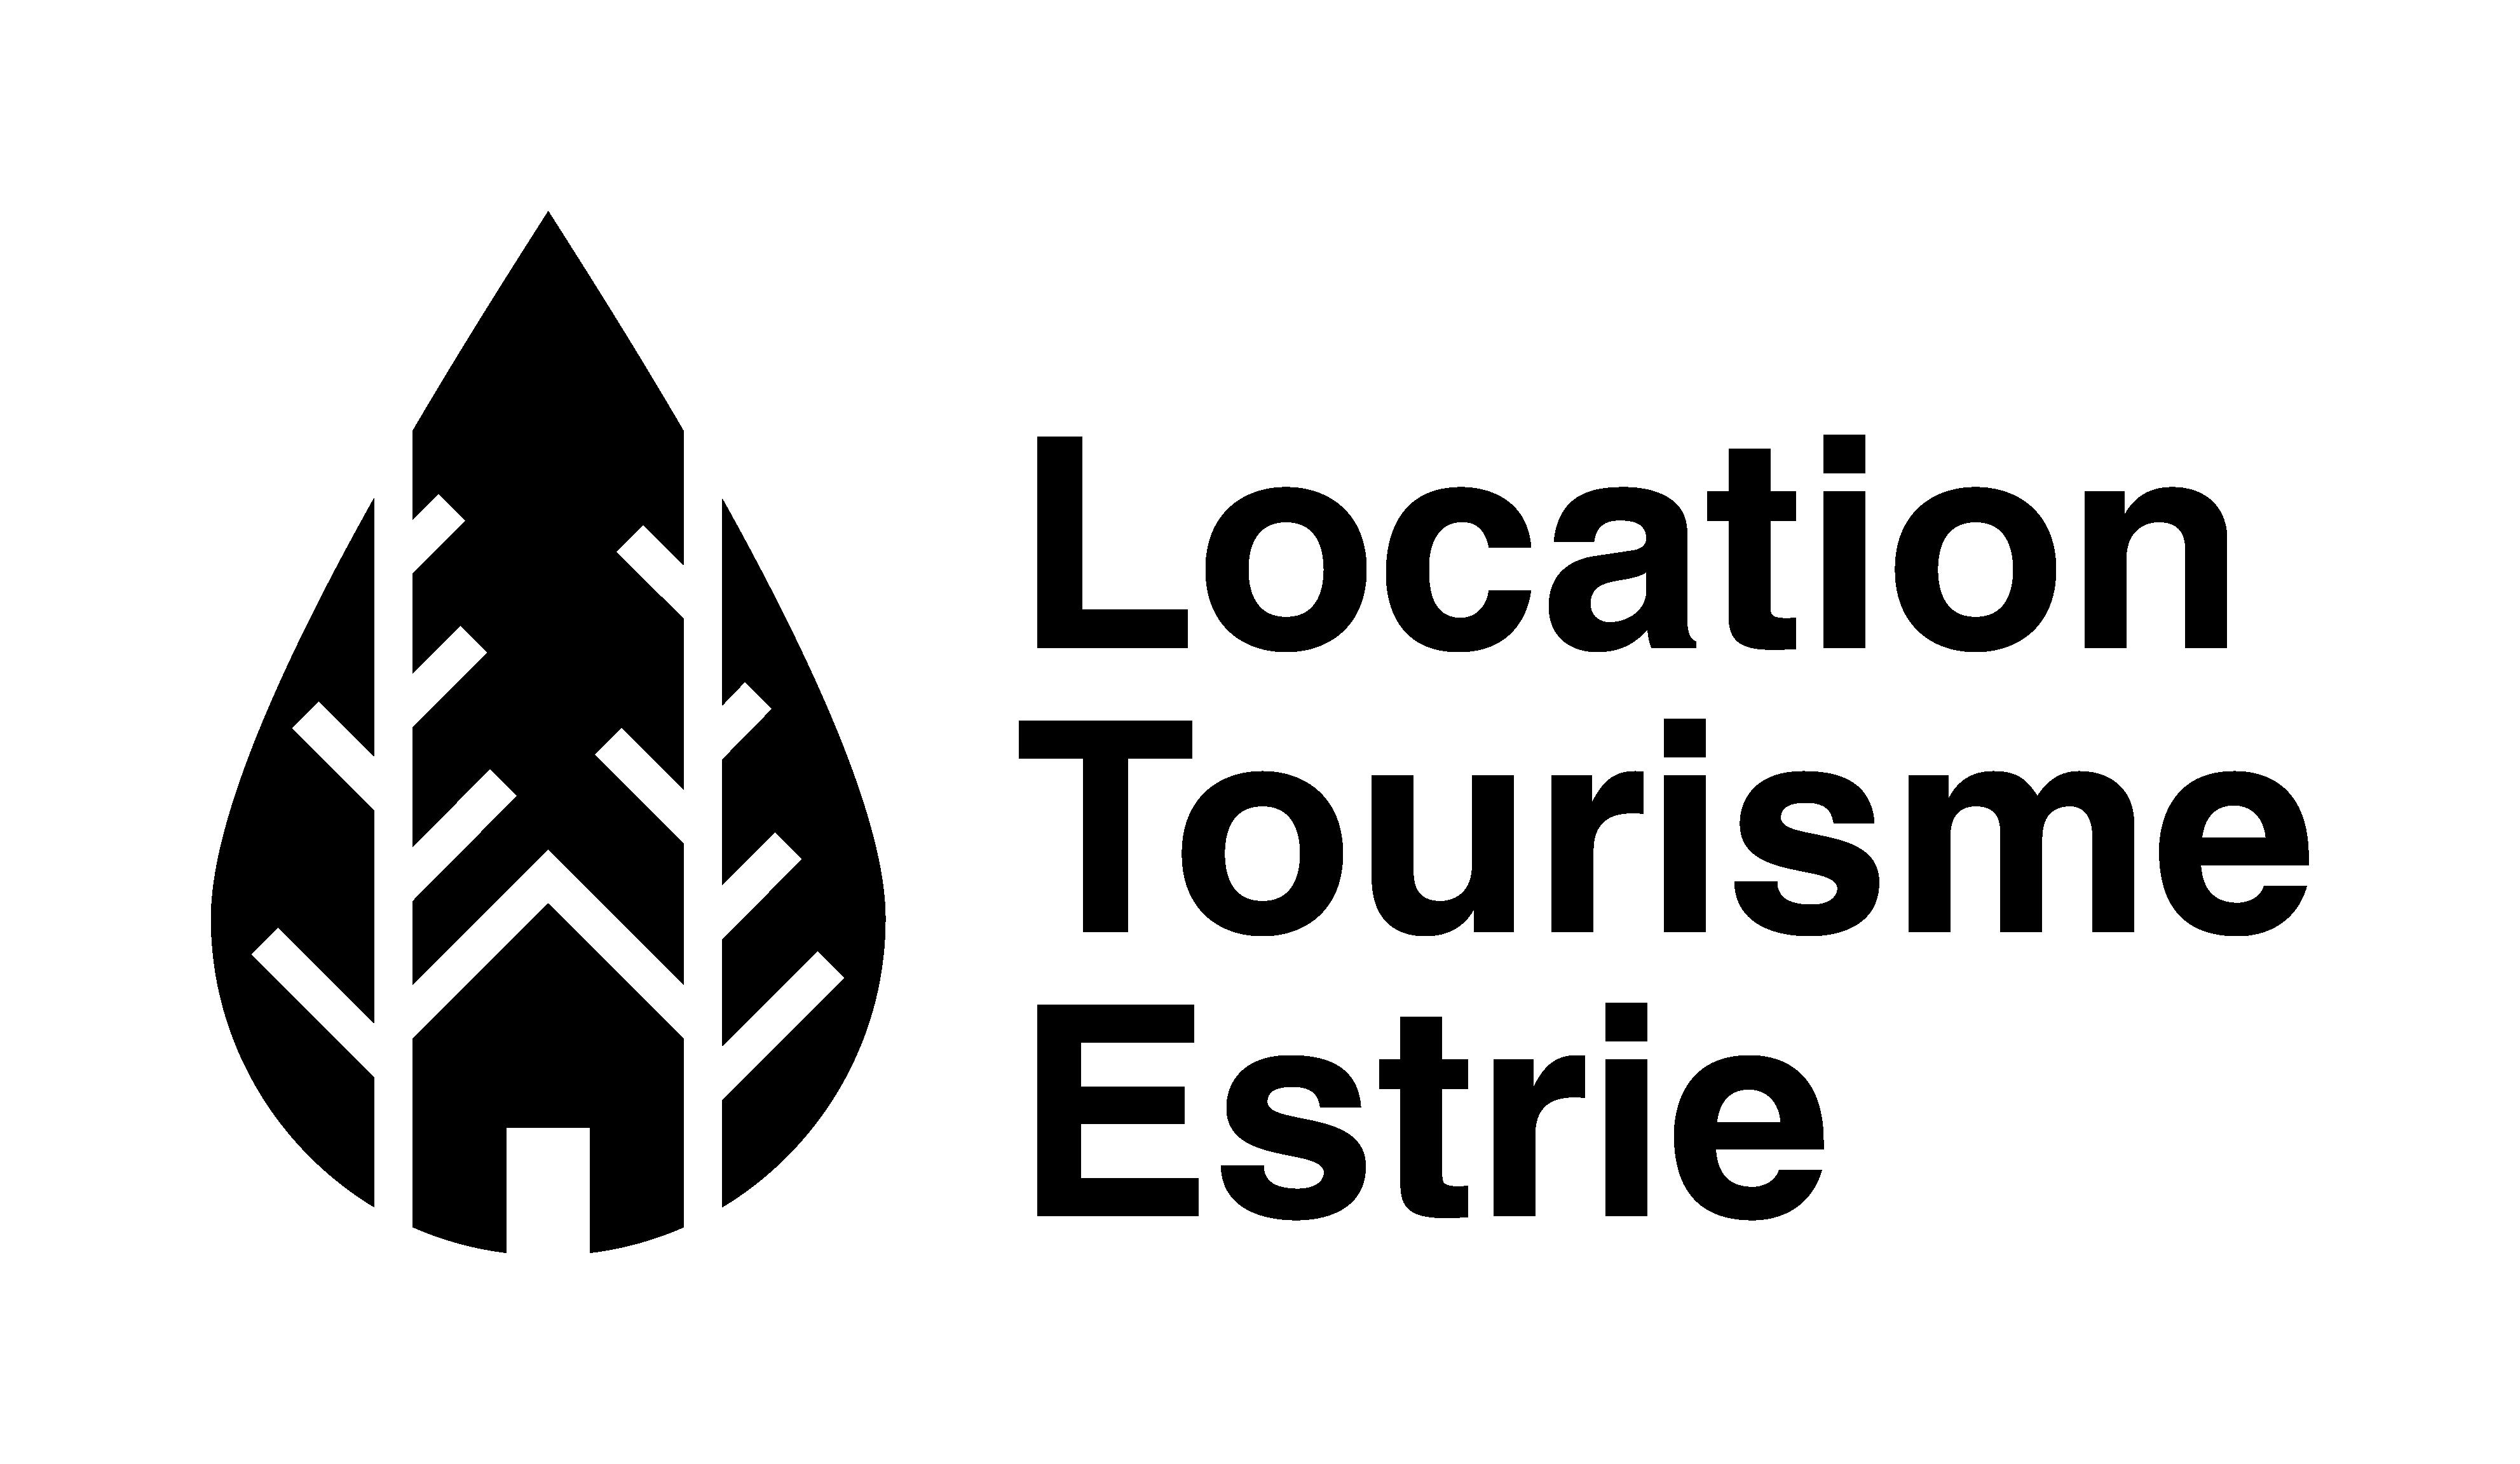 Dark footer logo